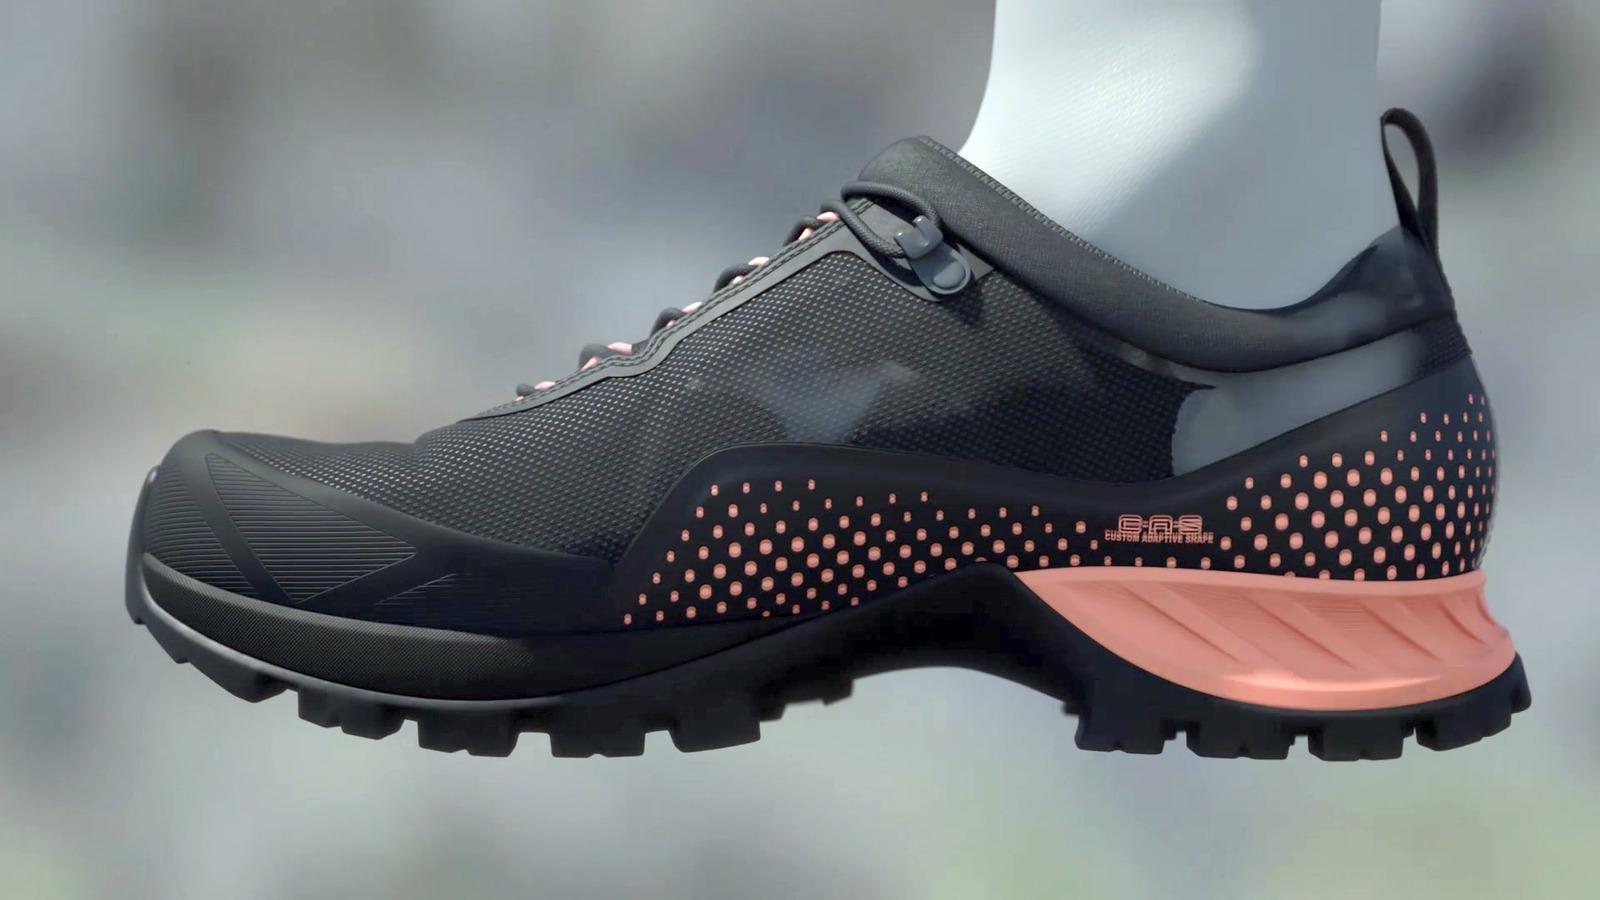 S Privé Tecnica OutdoorTest Plasma Chaussure QdtBrChosx